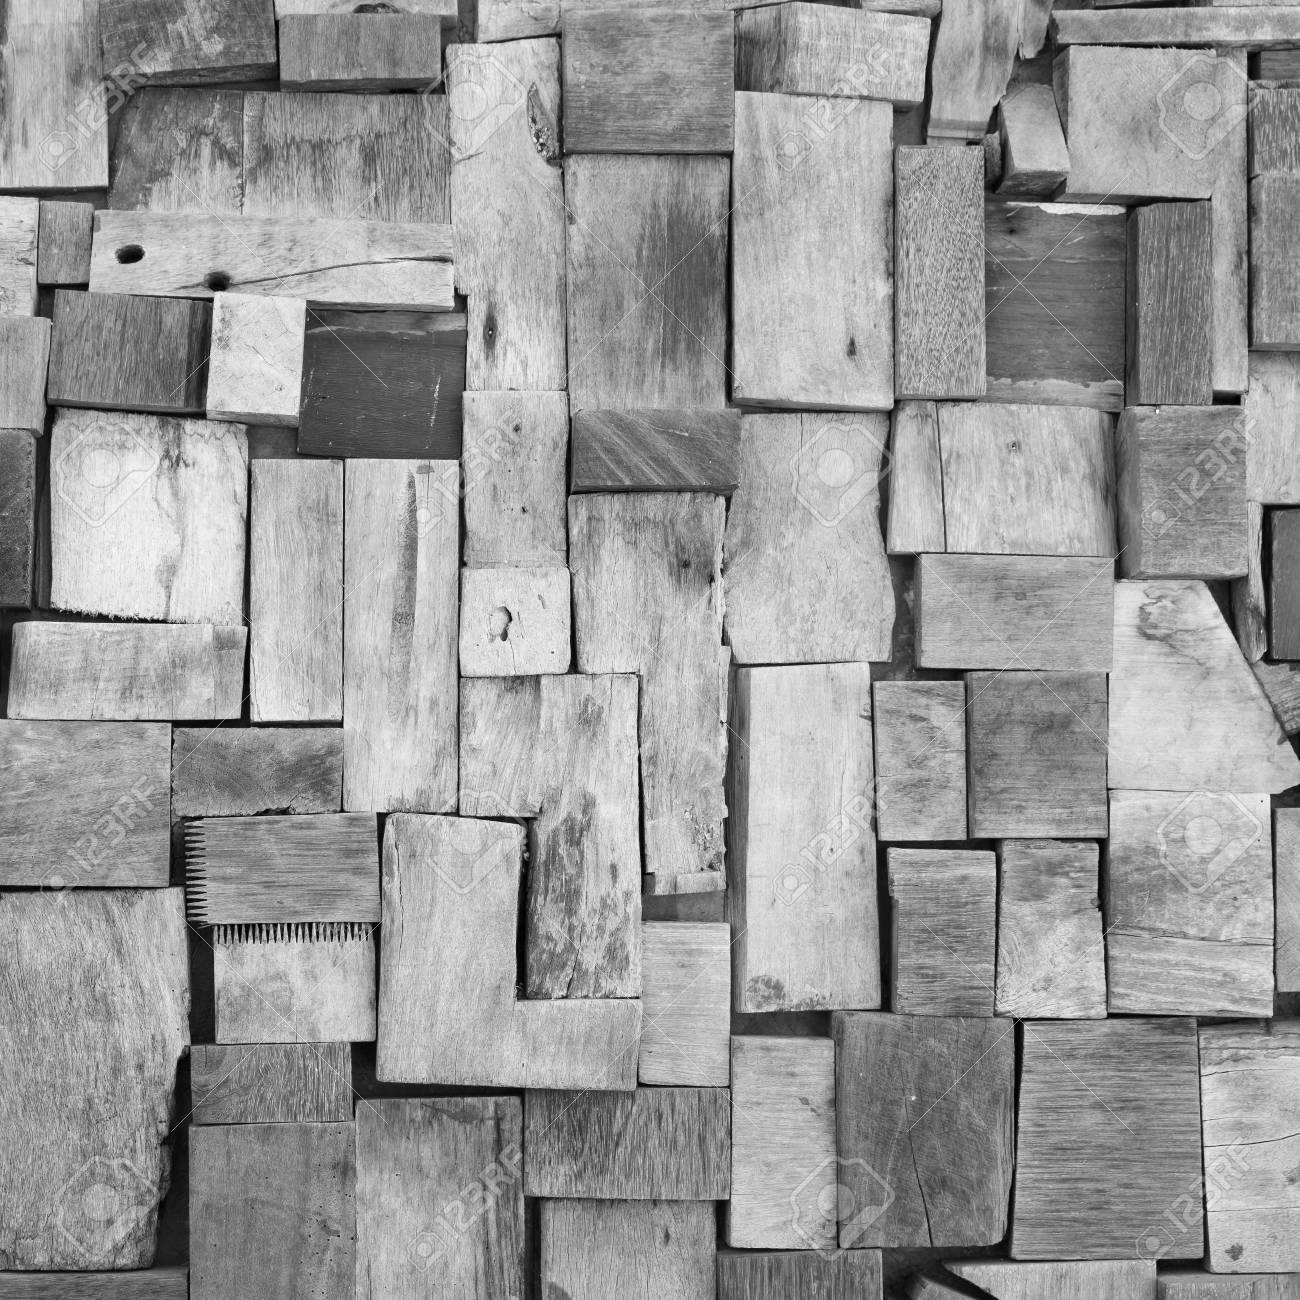 Schwarze Und Weisse Farbe Schmutzigen Alten Holzernen Wandfliesen